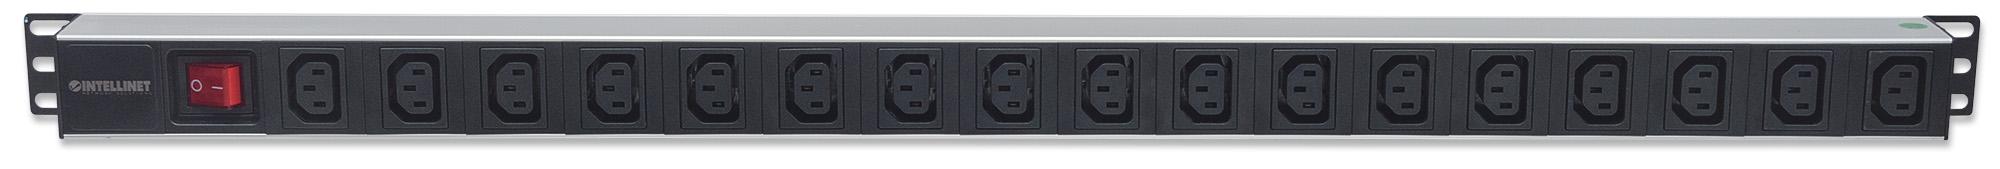 Vertical Rackmount 17-Output C13 Power Distribution Unit (PDU)